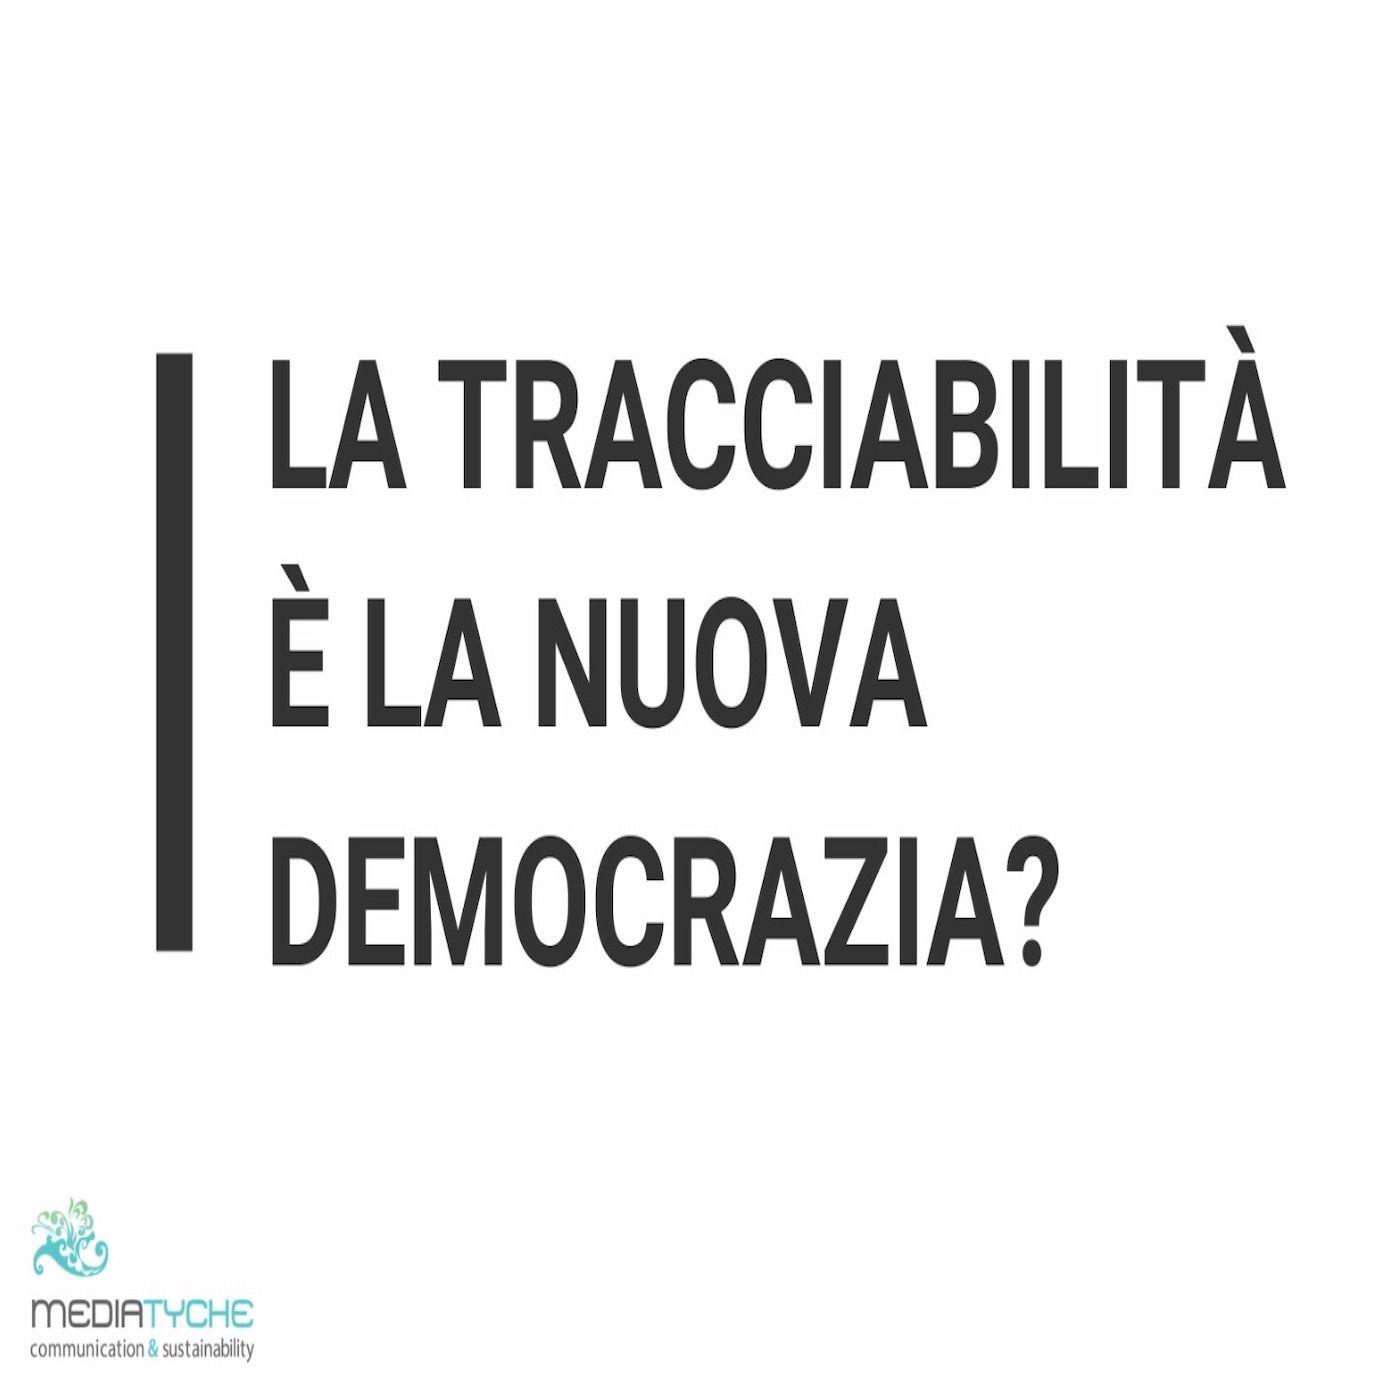 7- La tracciabilità è la nuova democrazia?